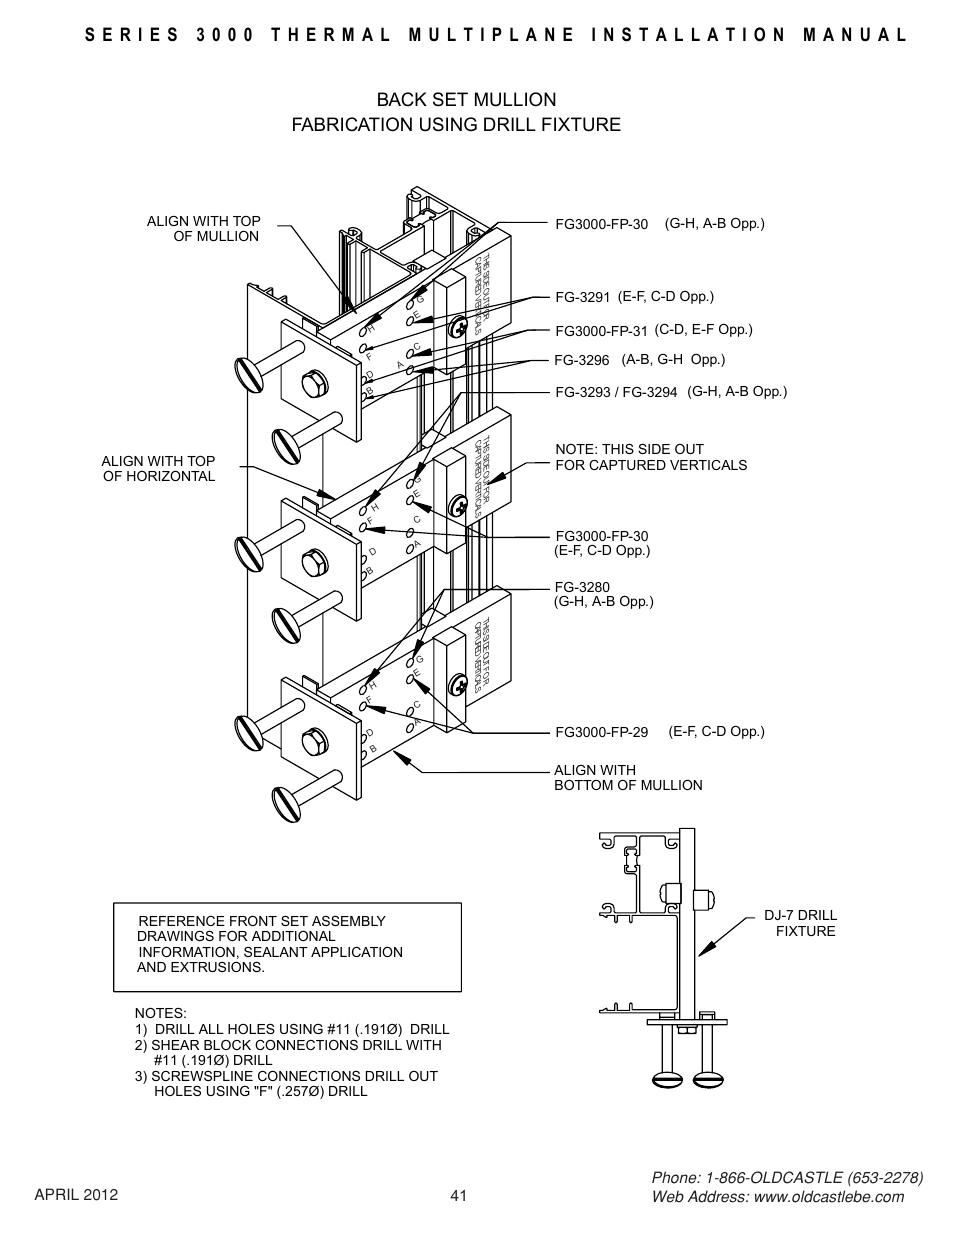 Backset-drill-jig, Back set mullion fabrication using